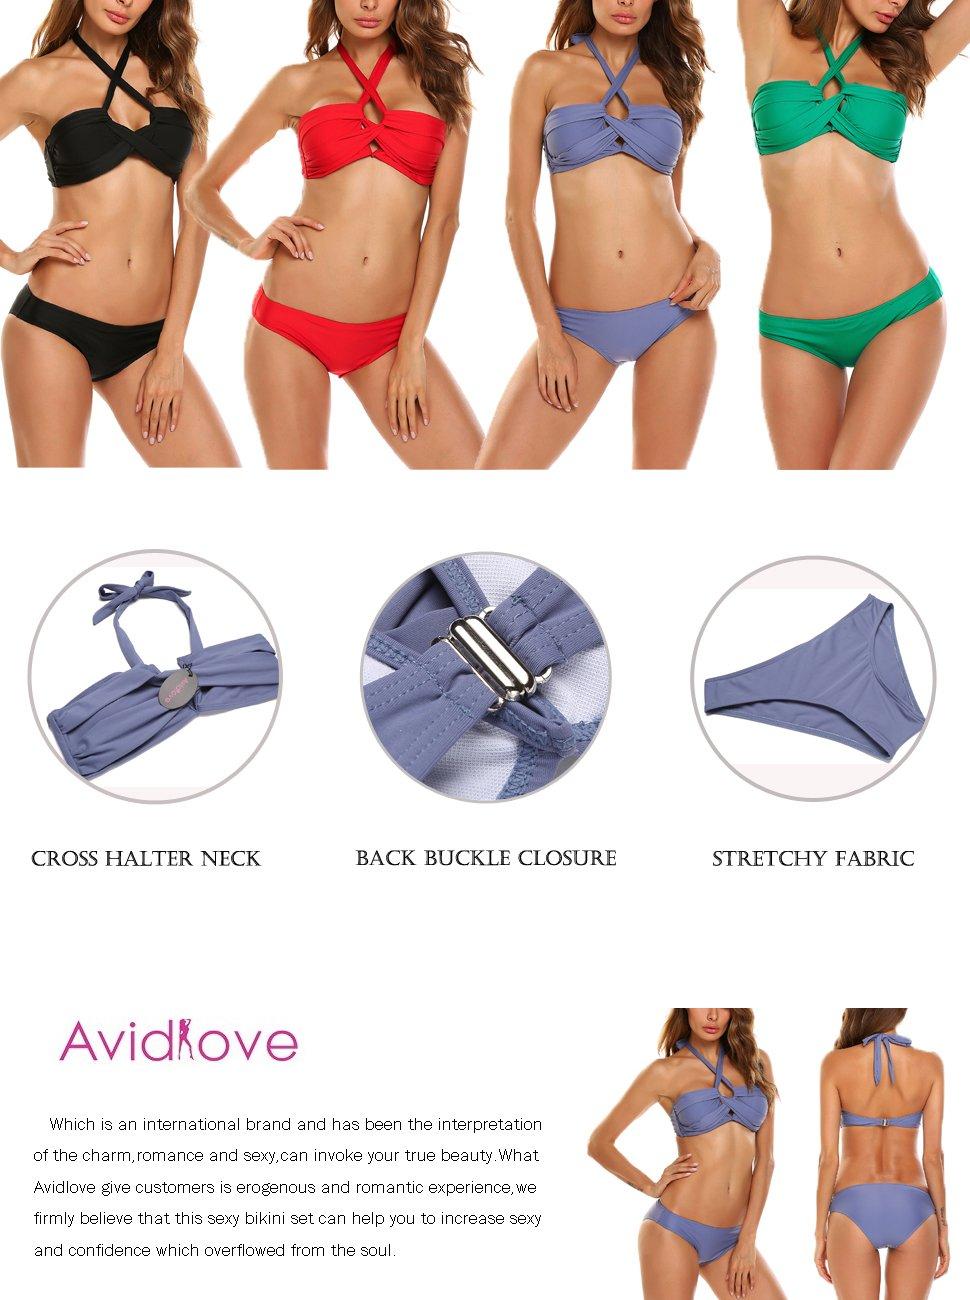 Amazon.com: Avidlove Push Up Two Pieces Bikini Swimsuit Criss Cross Swimwear Bandage Bathing Suits: Clothing